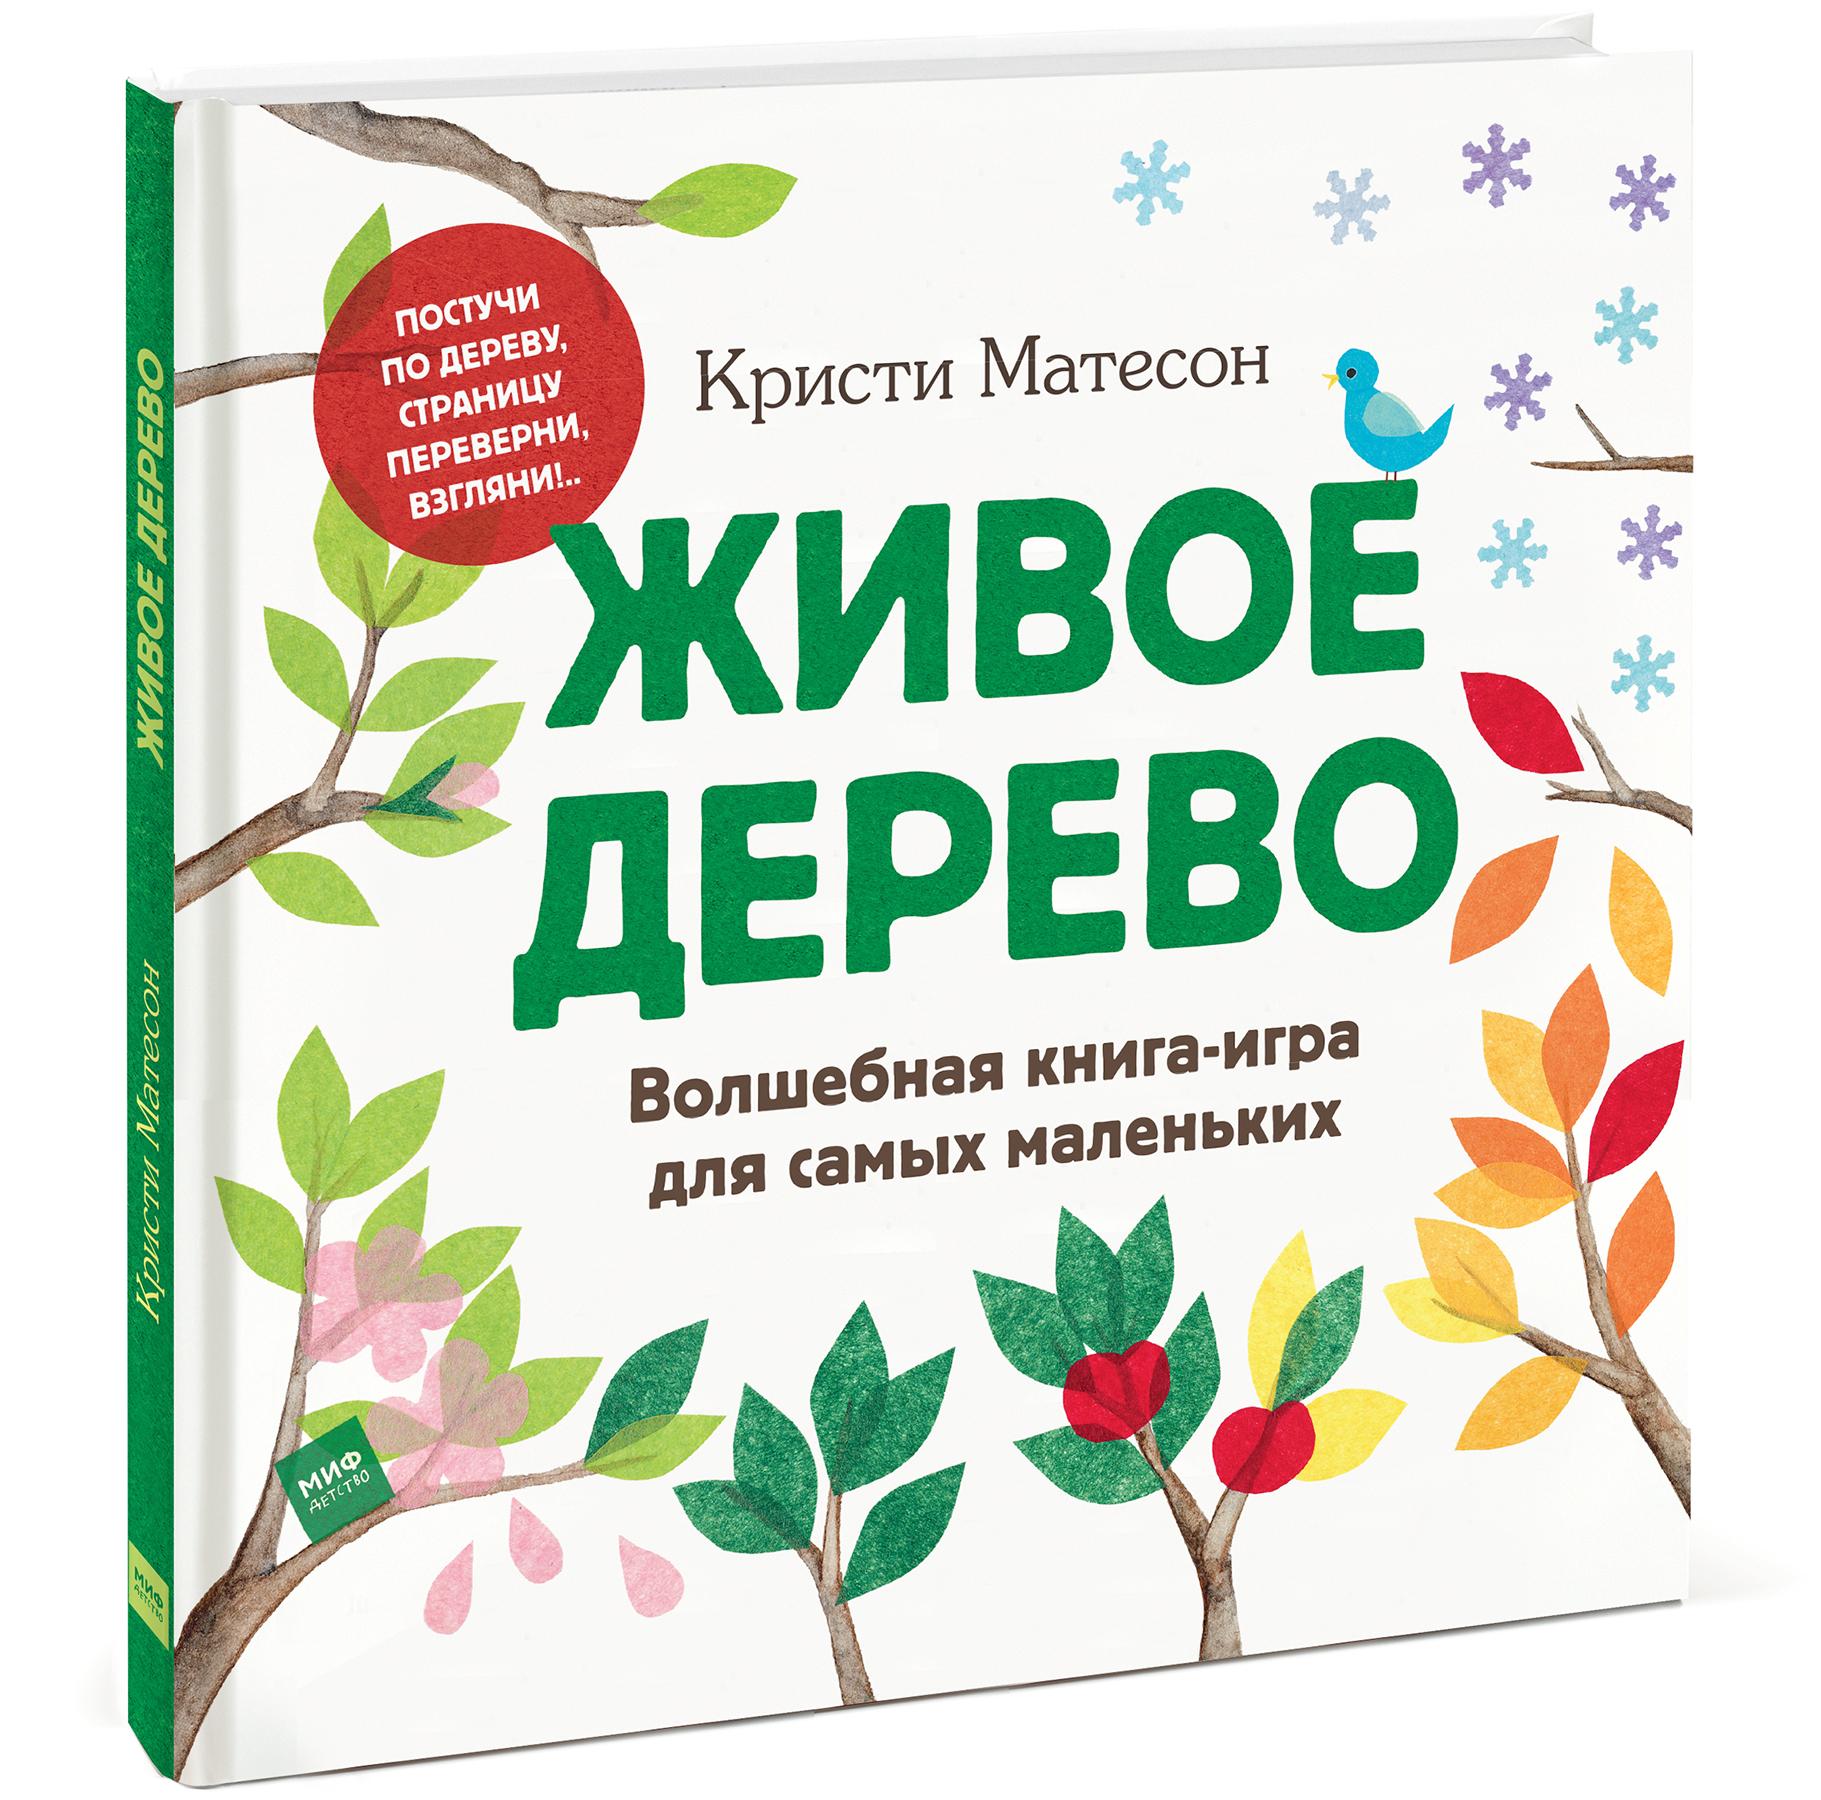 Кристи Матесон Живое дерево. Волшебная книга-игра для самых маленьких силы в природе